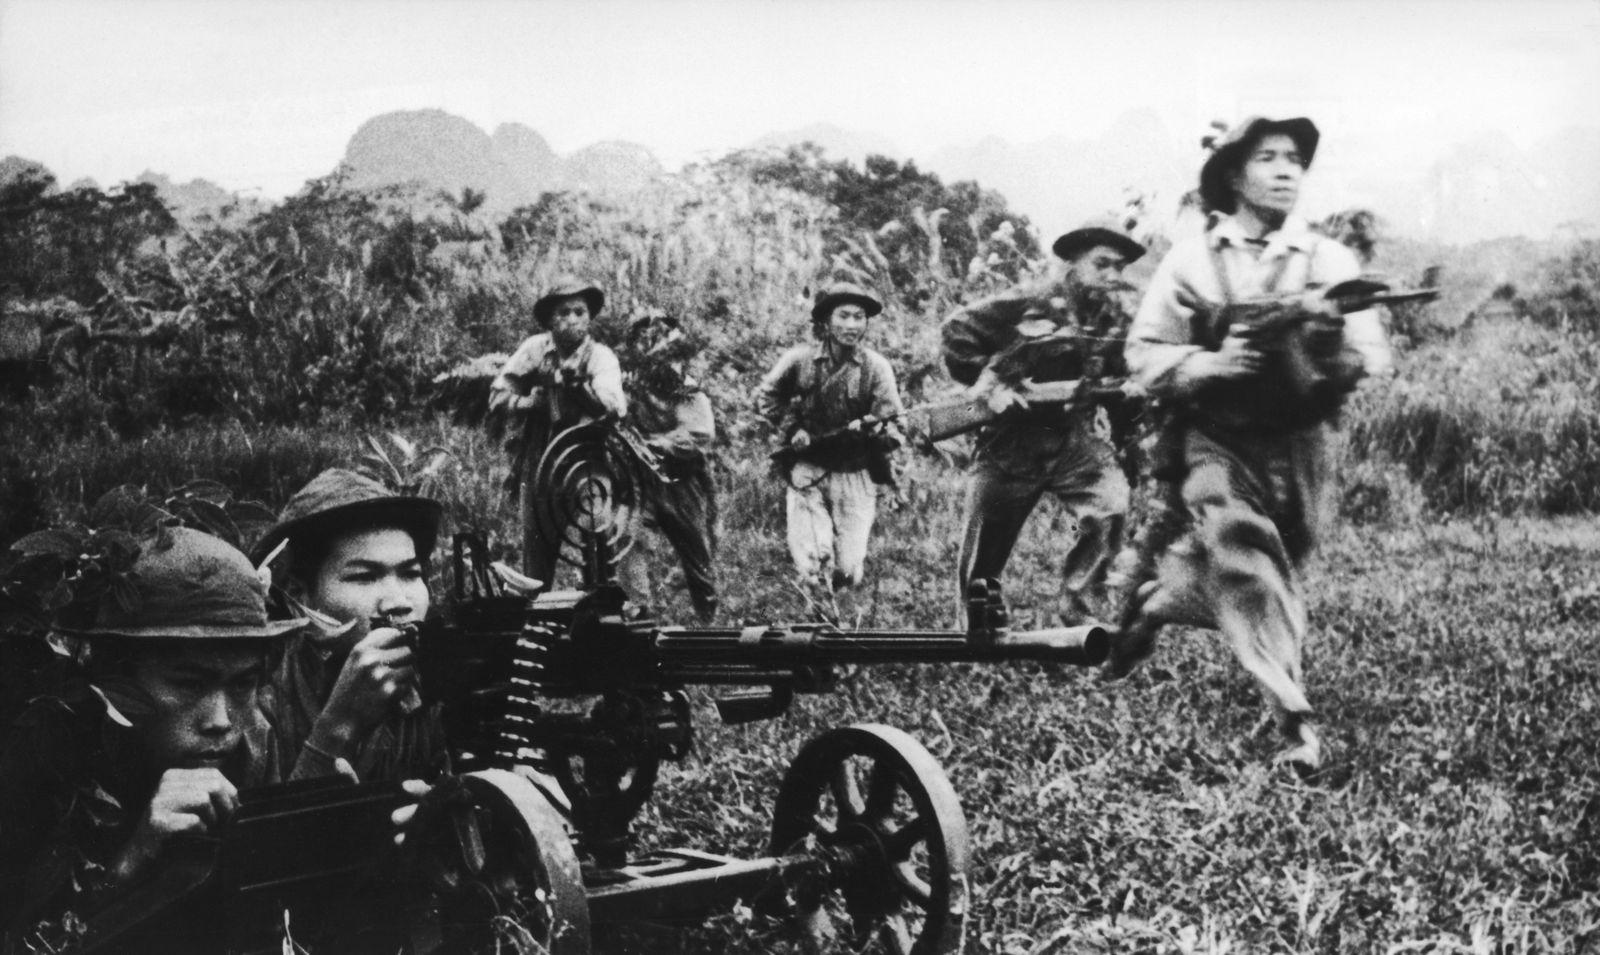 Michael Verhoeven - Viet Cong Attack